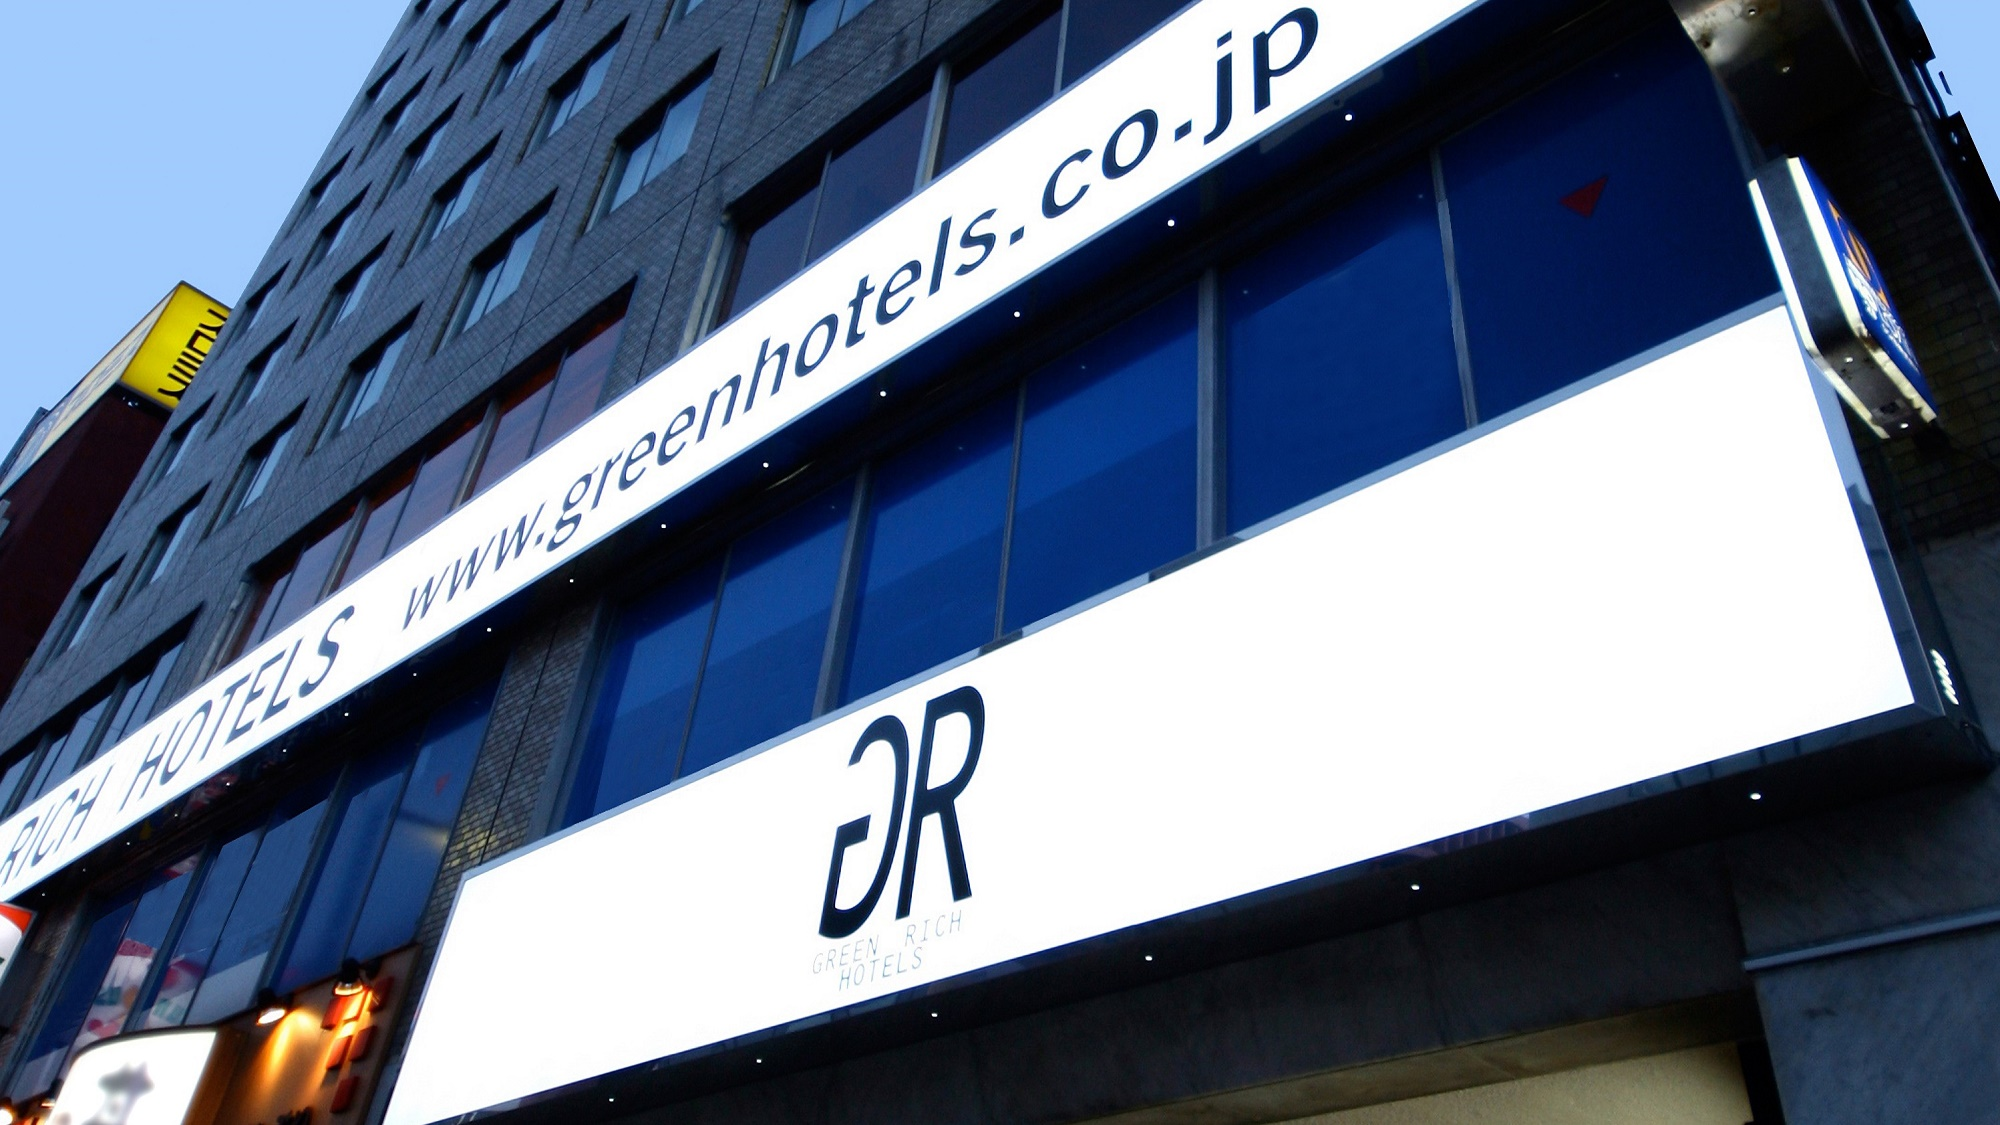 グリーン リッチ ホテル 鹿児島天文館◆楽天トラベル